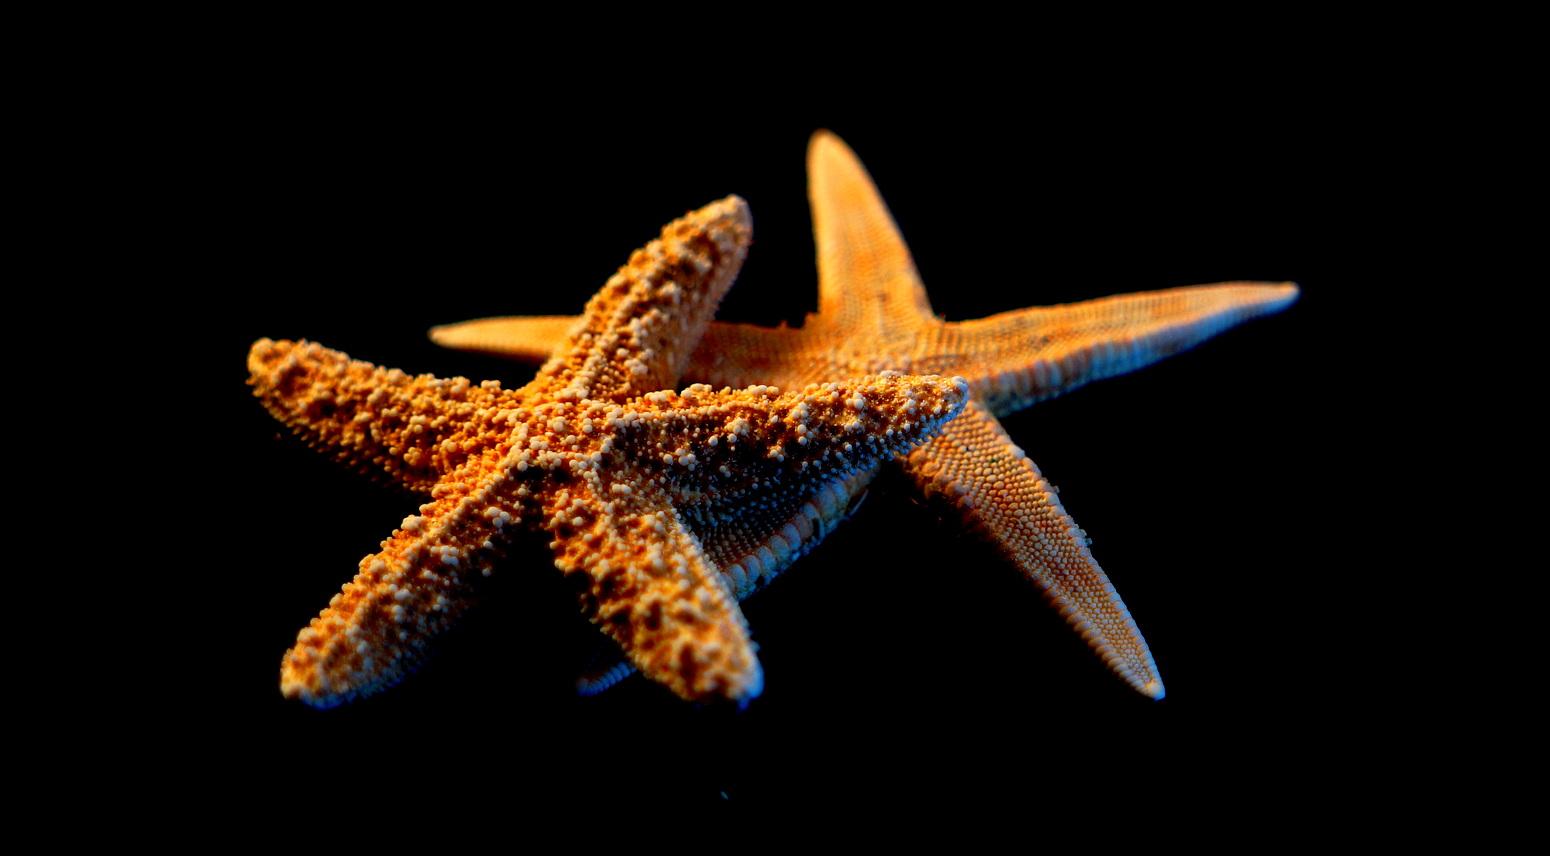 خلفيات وصور بحار احلي صور عن البحر hd (6)